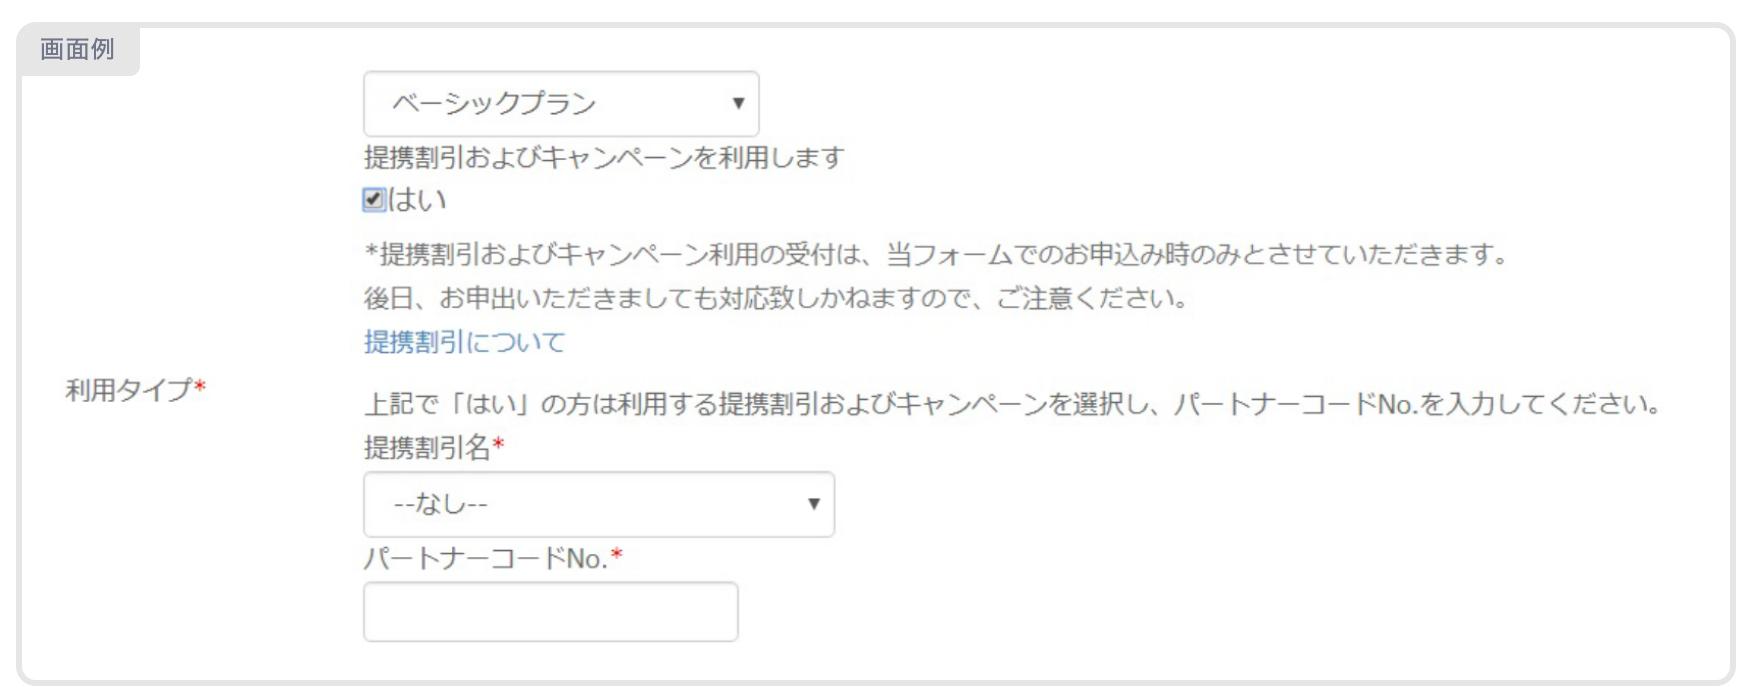 スクリーンショット 2020-01-24 10.39.40